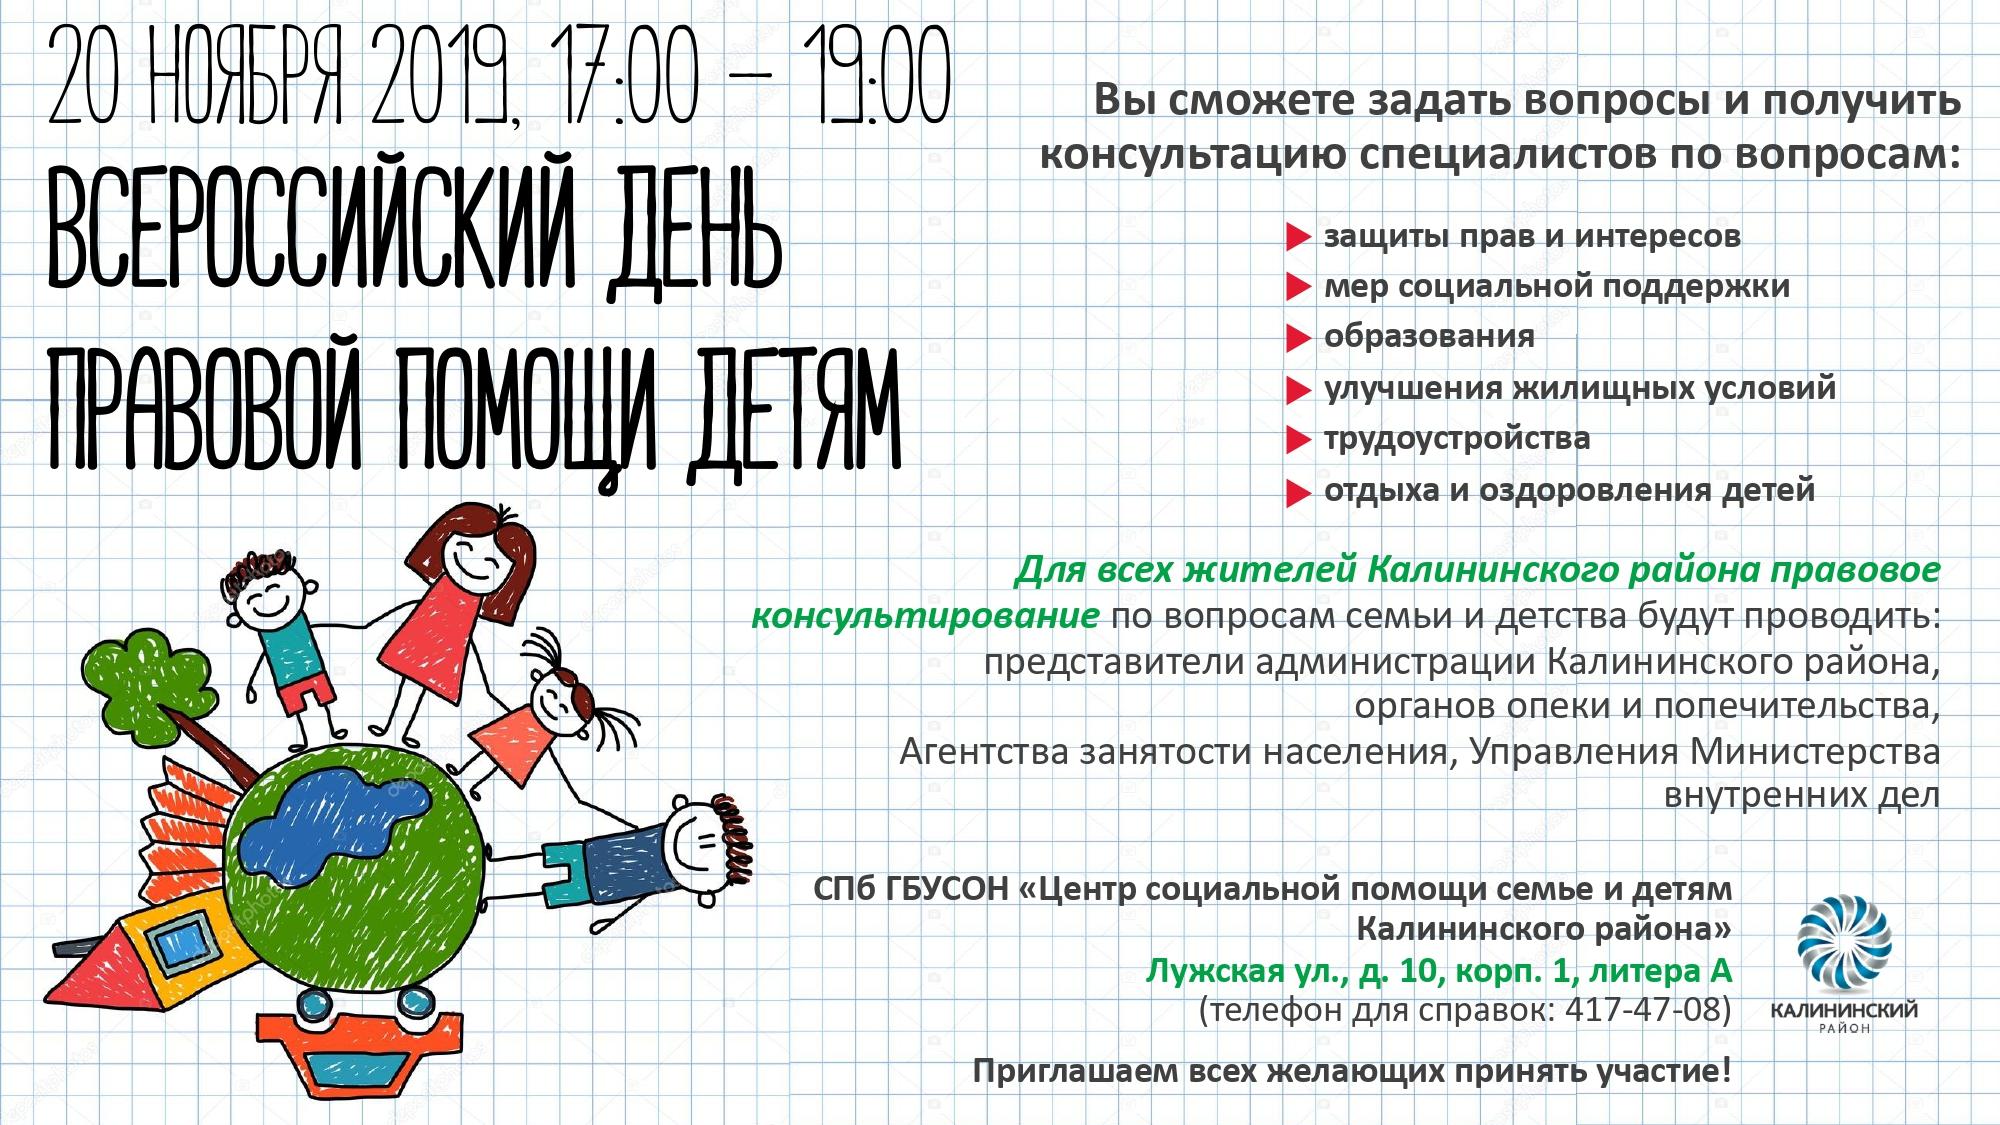 Всероссийский ДЕНЬ ПРАВОВОЙ ПОМОЩИ ДЕТЯМ!